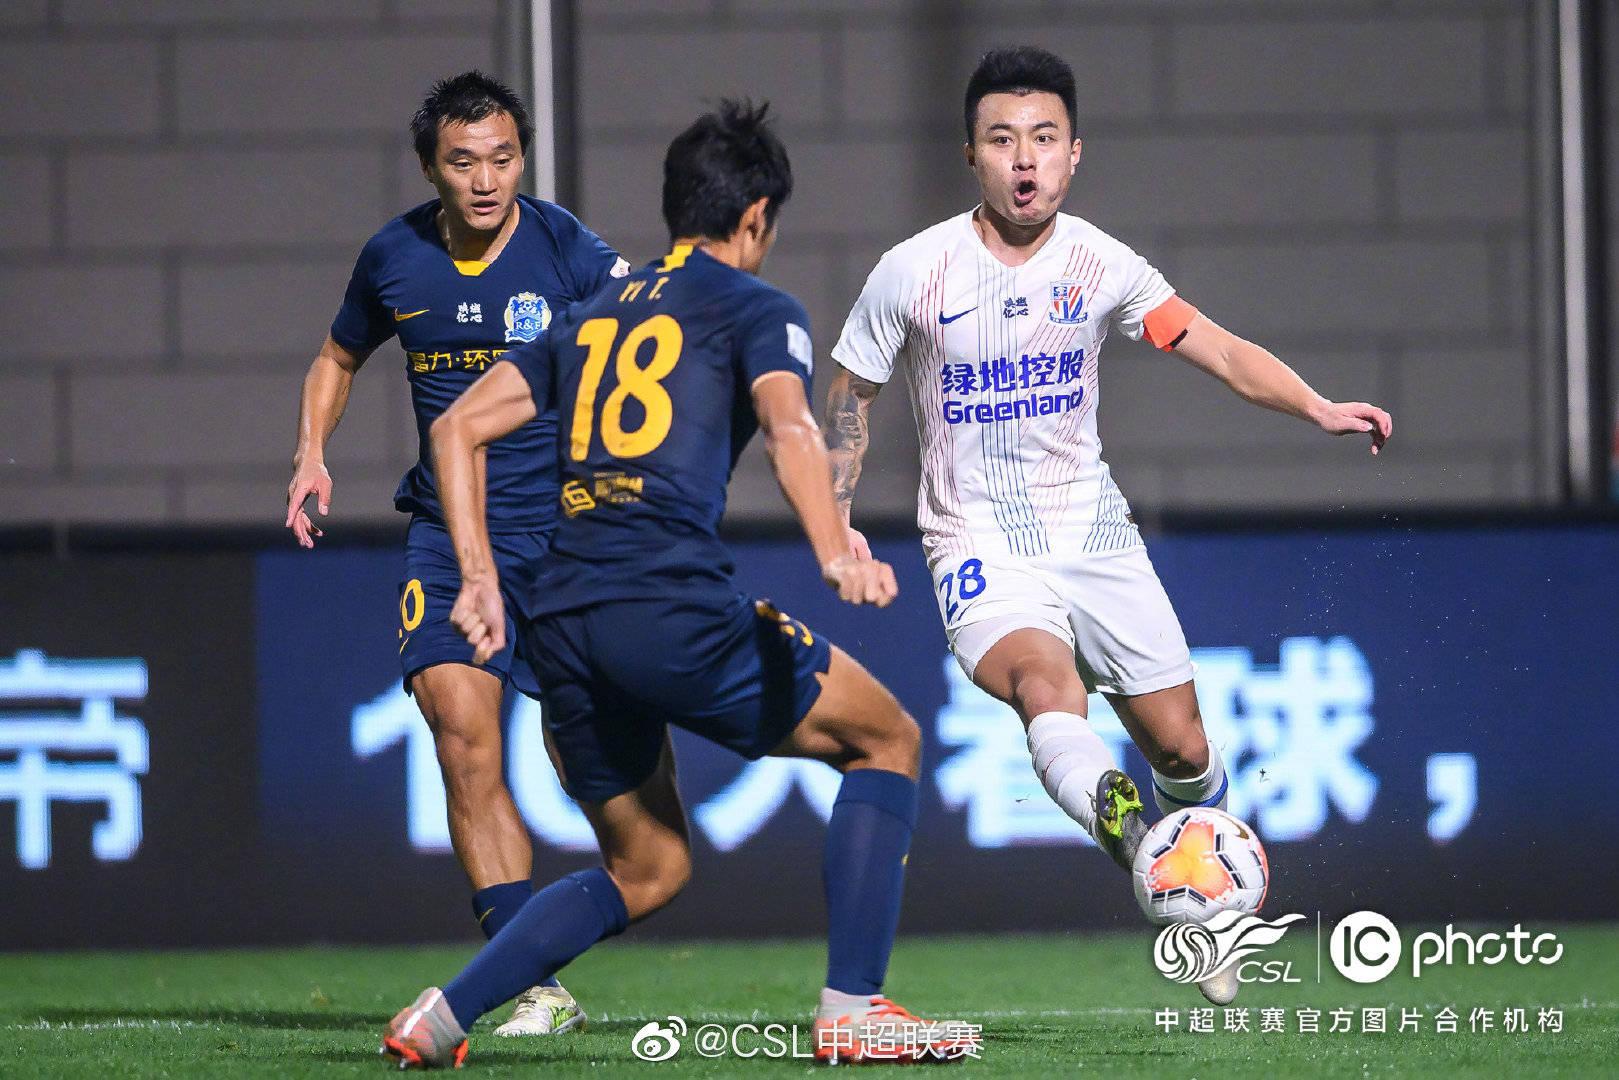 中超第十三轮广州富力0:2上海绿地申花,彭欣力与毕津浩各进一球